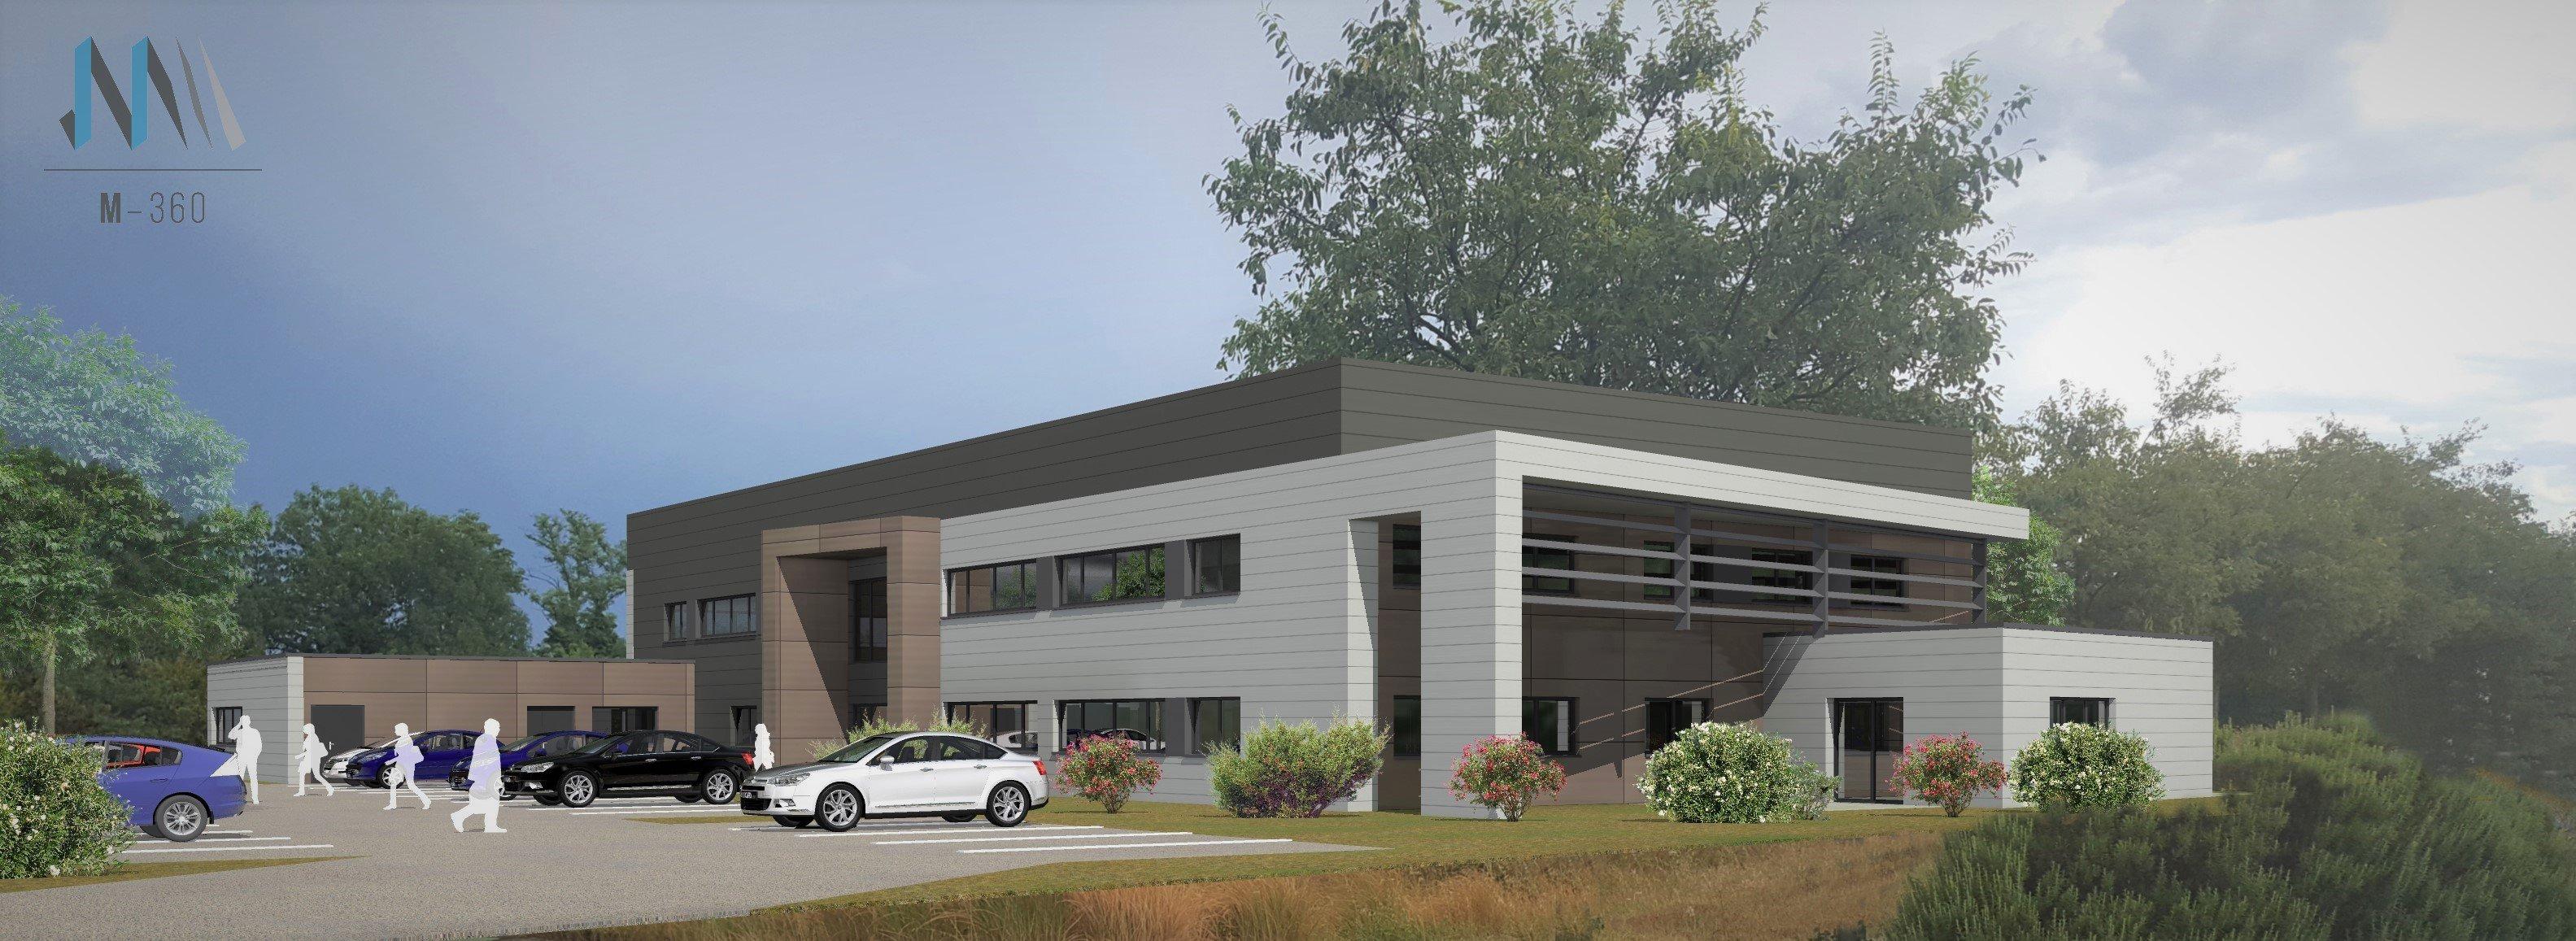 Nouveau bâtiment pour Markem Imaje sur le parc d'activités de Rovaltain - Valence TGV